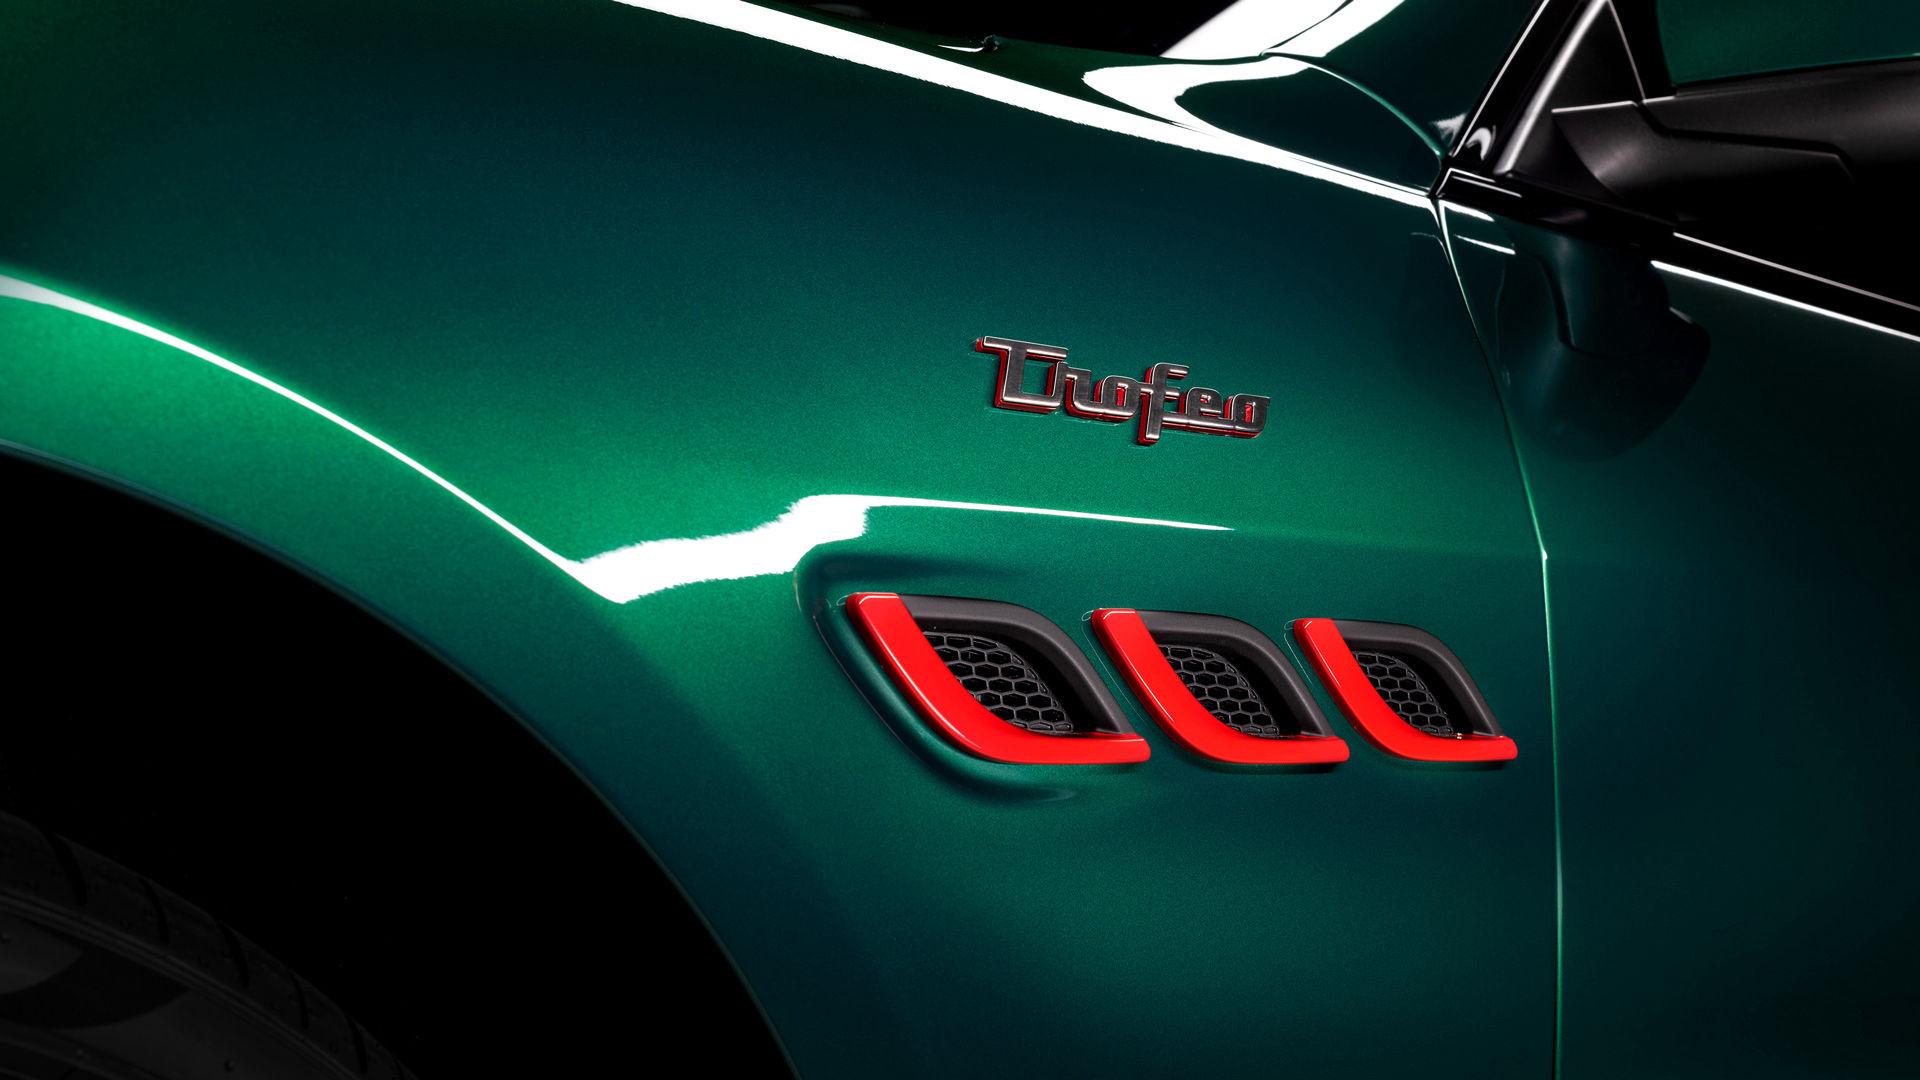 Maserati Quattroporte Trofeo - Grün - Trofeo-Schrift und Lufteinlässe